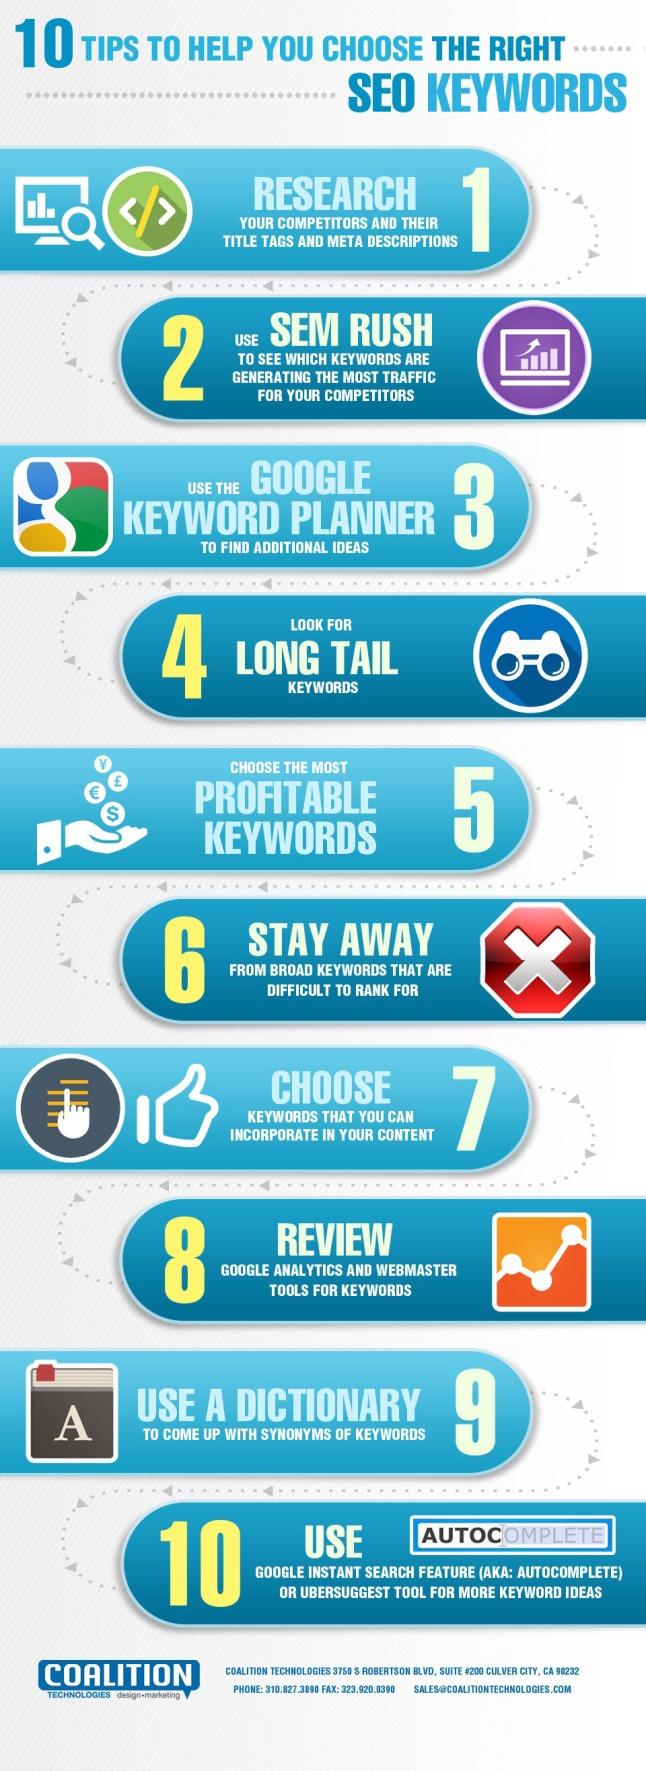 10 astuces pour choisir les bons mots clés SEO - AUTOVEILLE